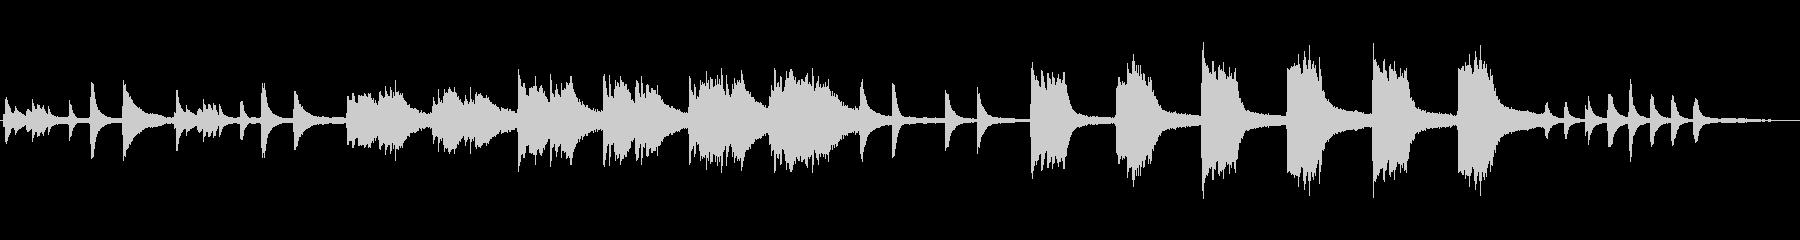 悲しげなピアノ曲の未再生の波形